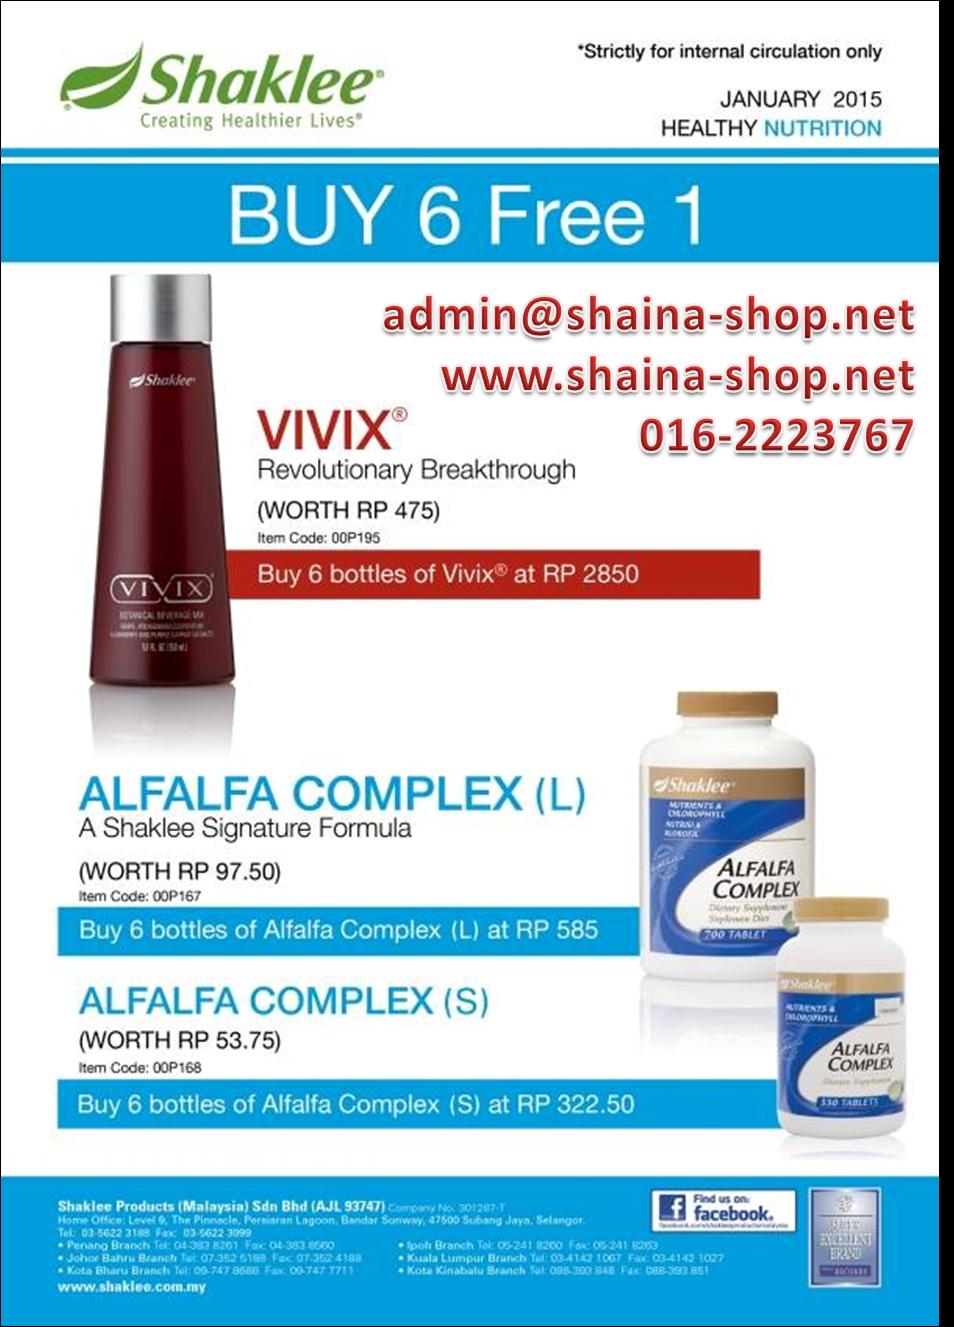 PROMOSI SHAKLEE JANUARI 2015: VIVIX & ALFALFA COMPLEX (BELI 6 PERCUMA 1)